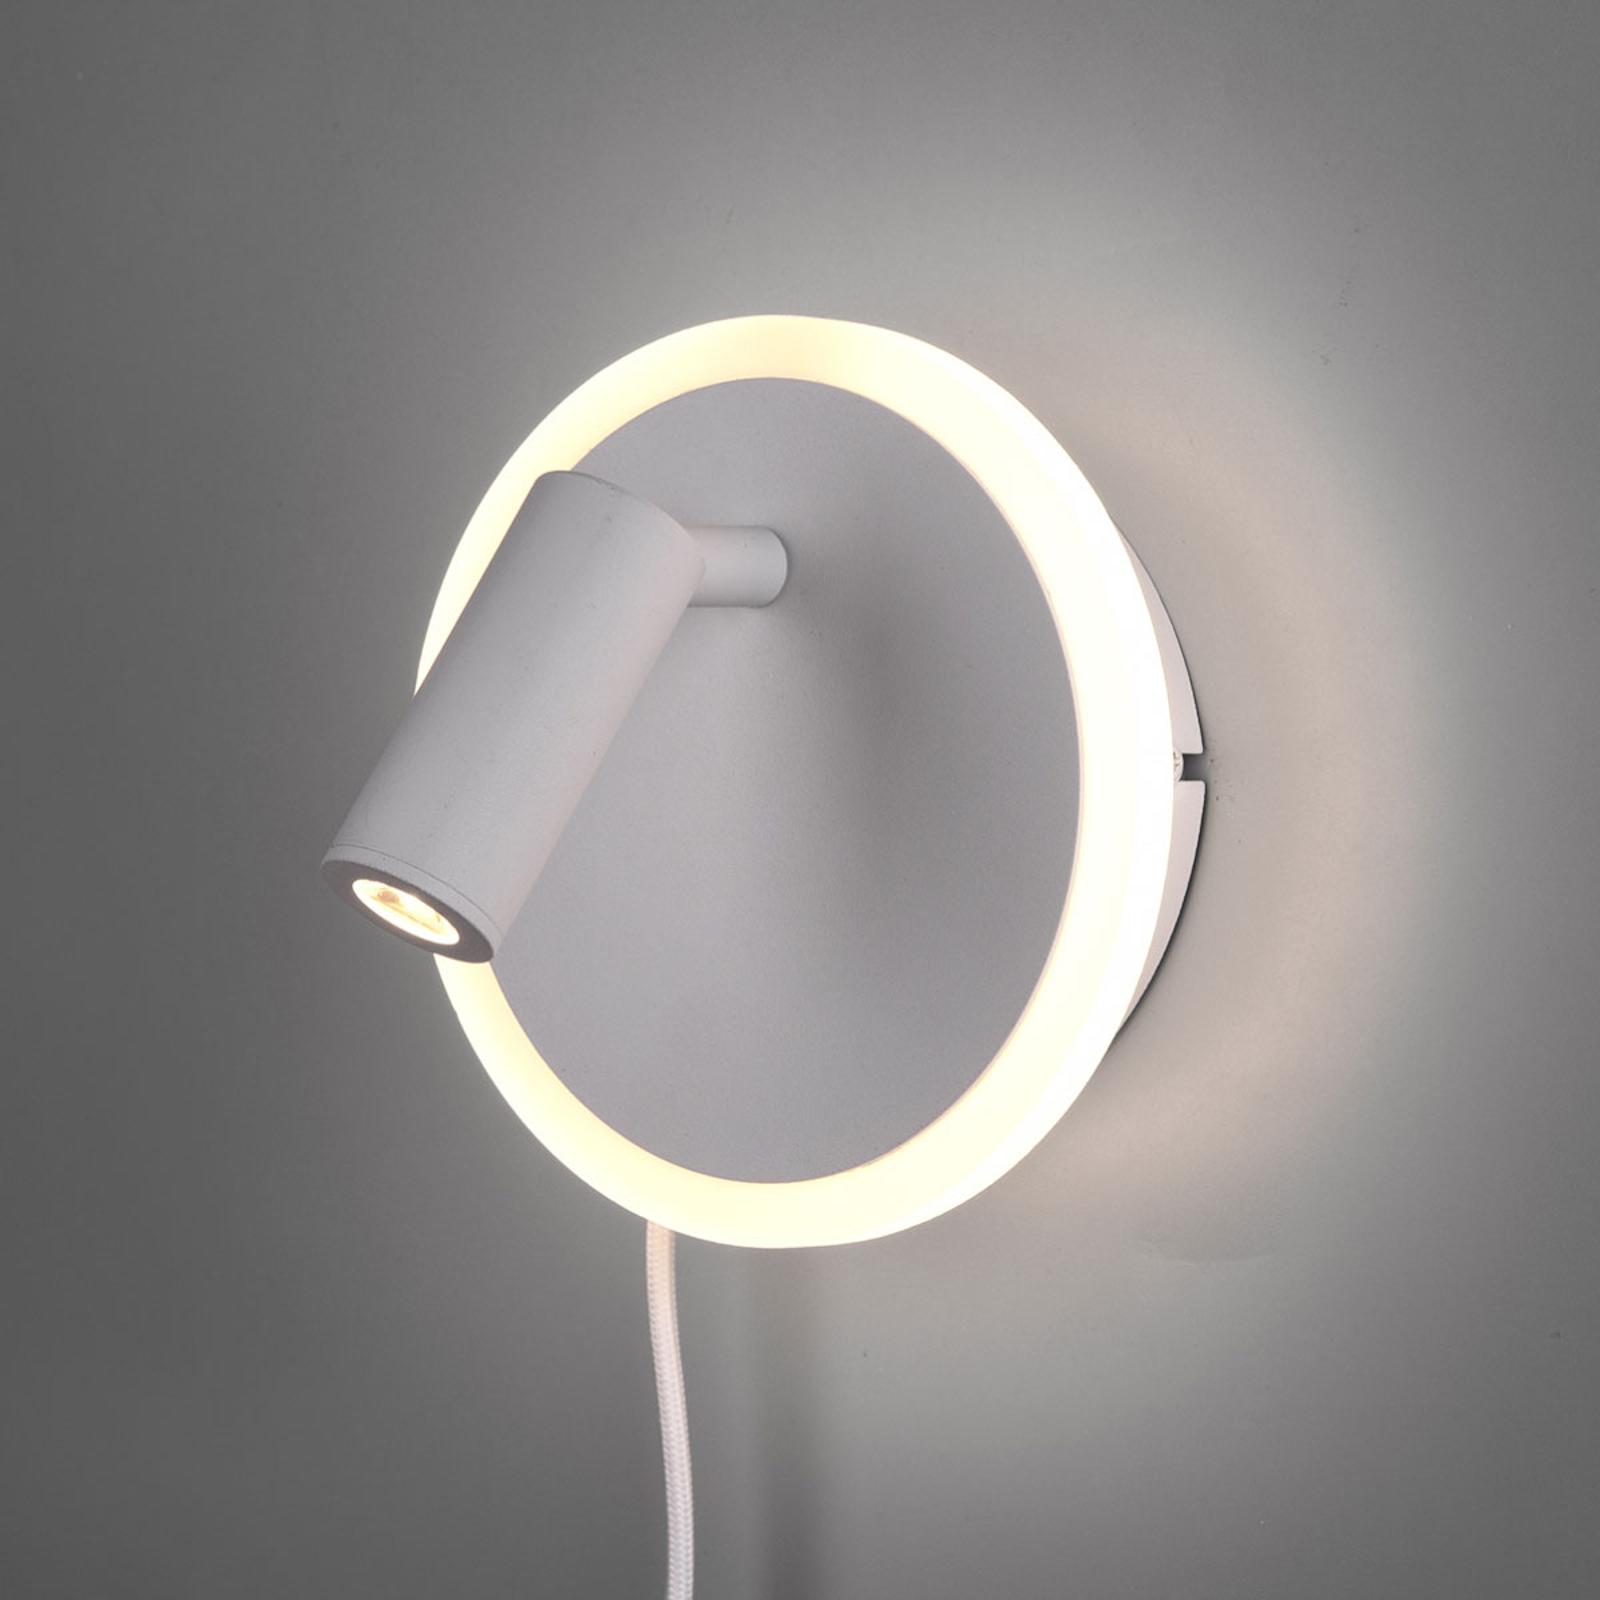 Nástěnné LED světlo Jordan, dvě žárovky, bílé